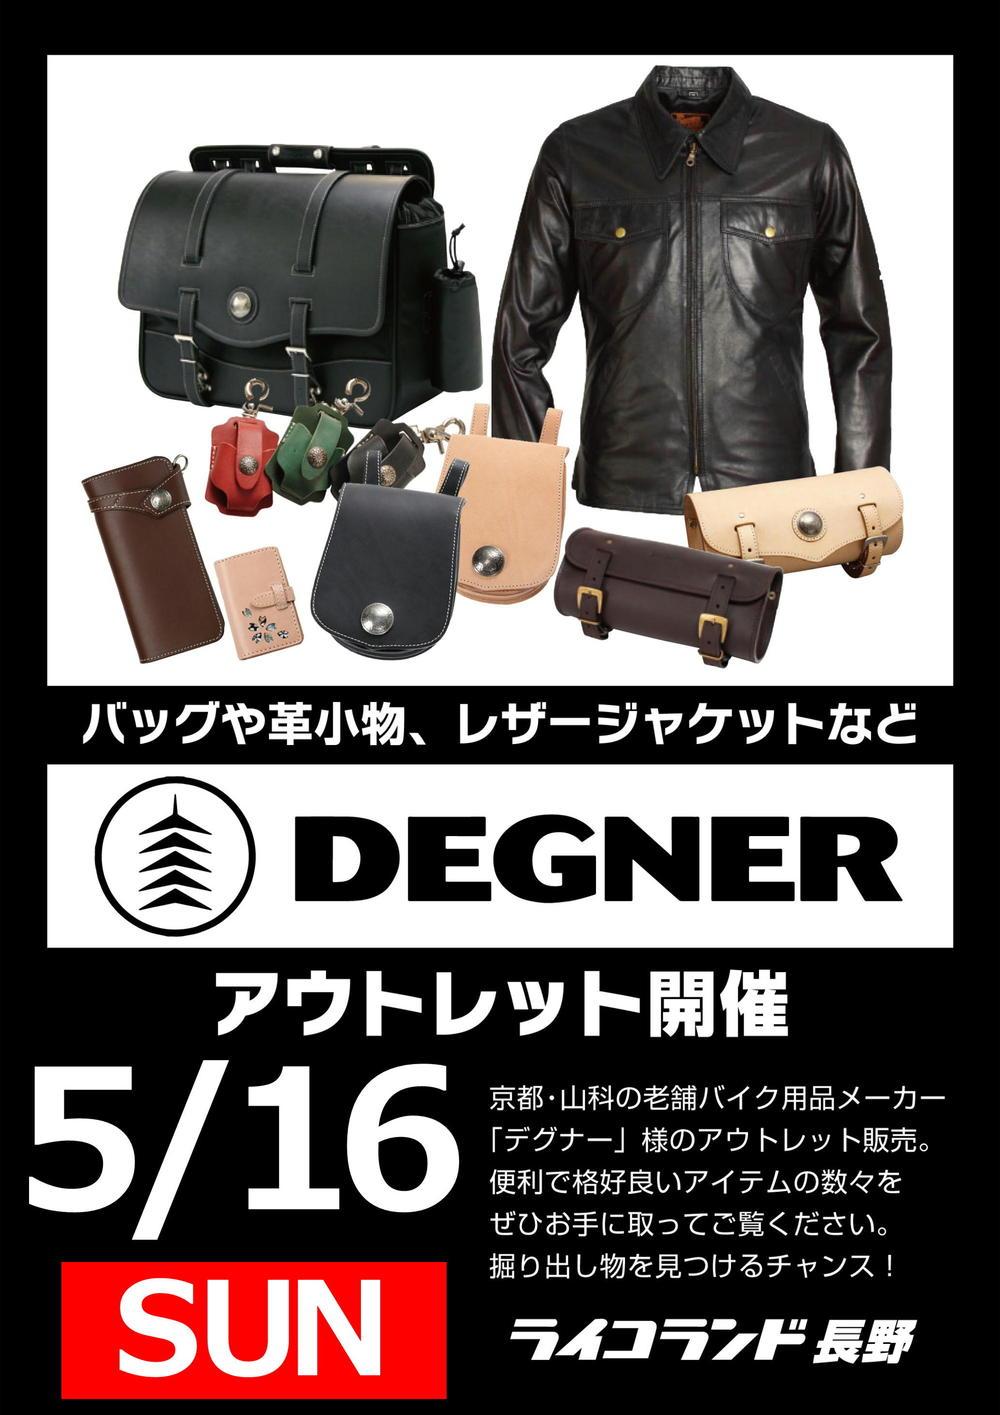 デグナー5.16.JPG